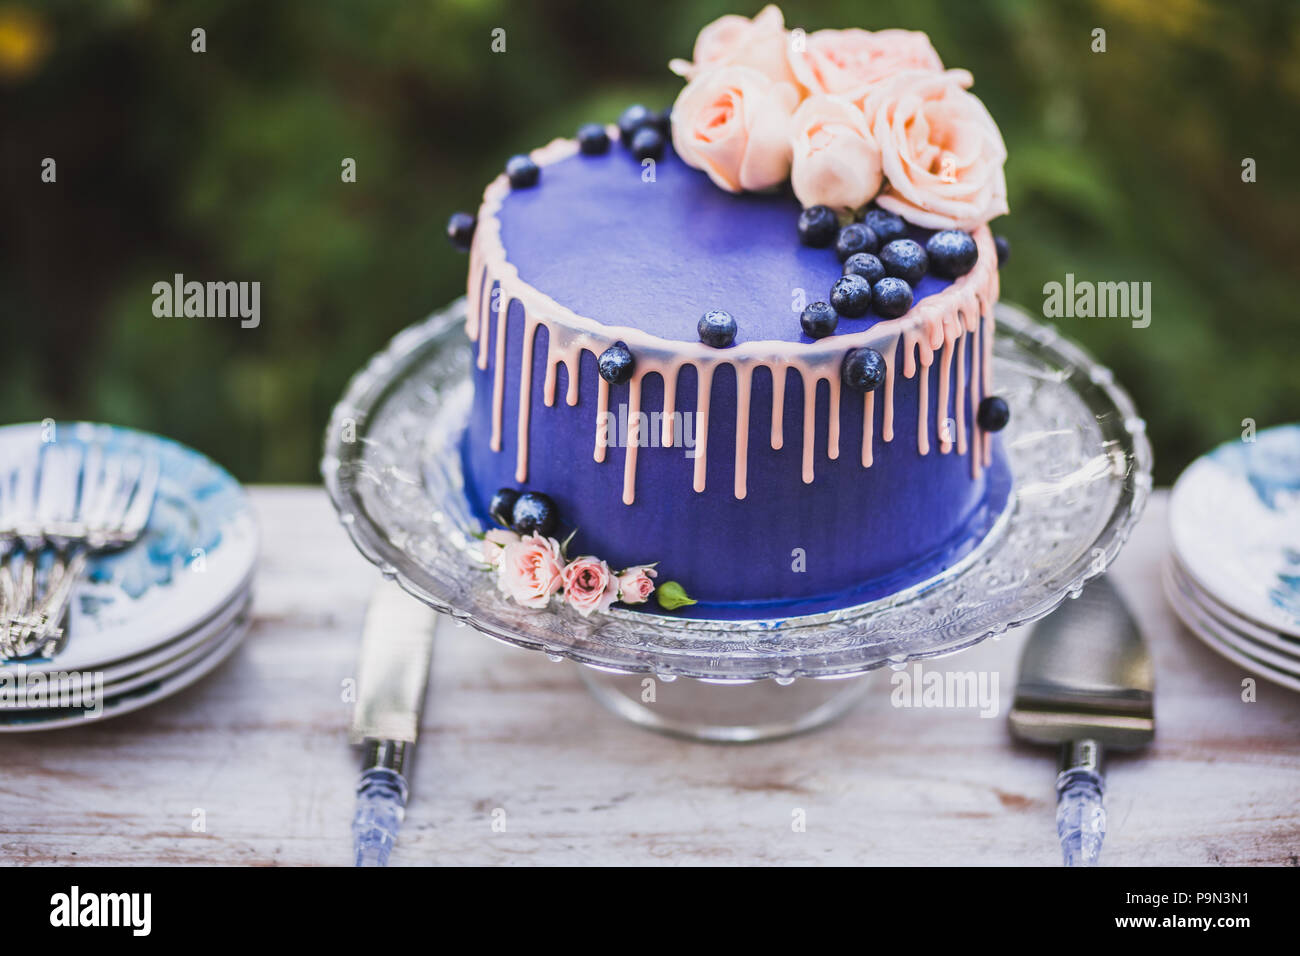 Schone Und Leckere Blaue Hochzeitstorte Mit Rose Blumen Und Frische